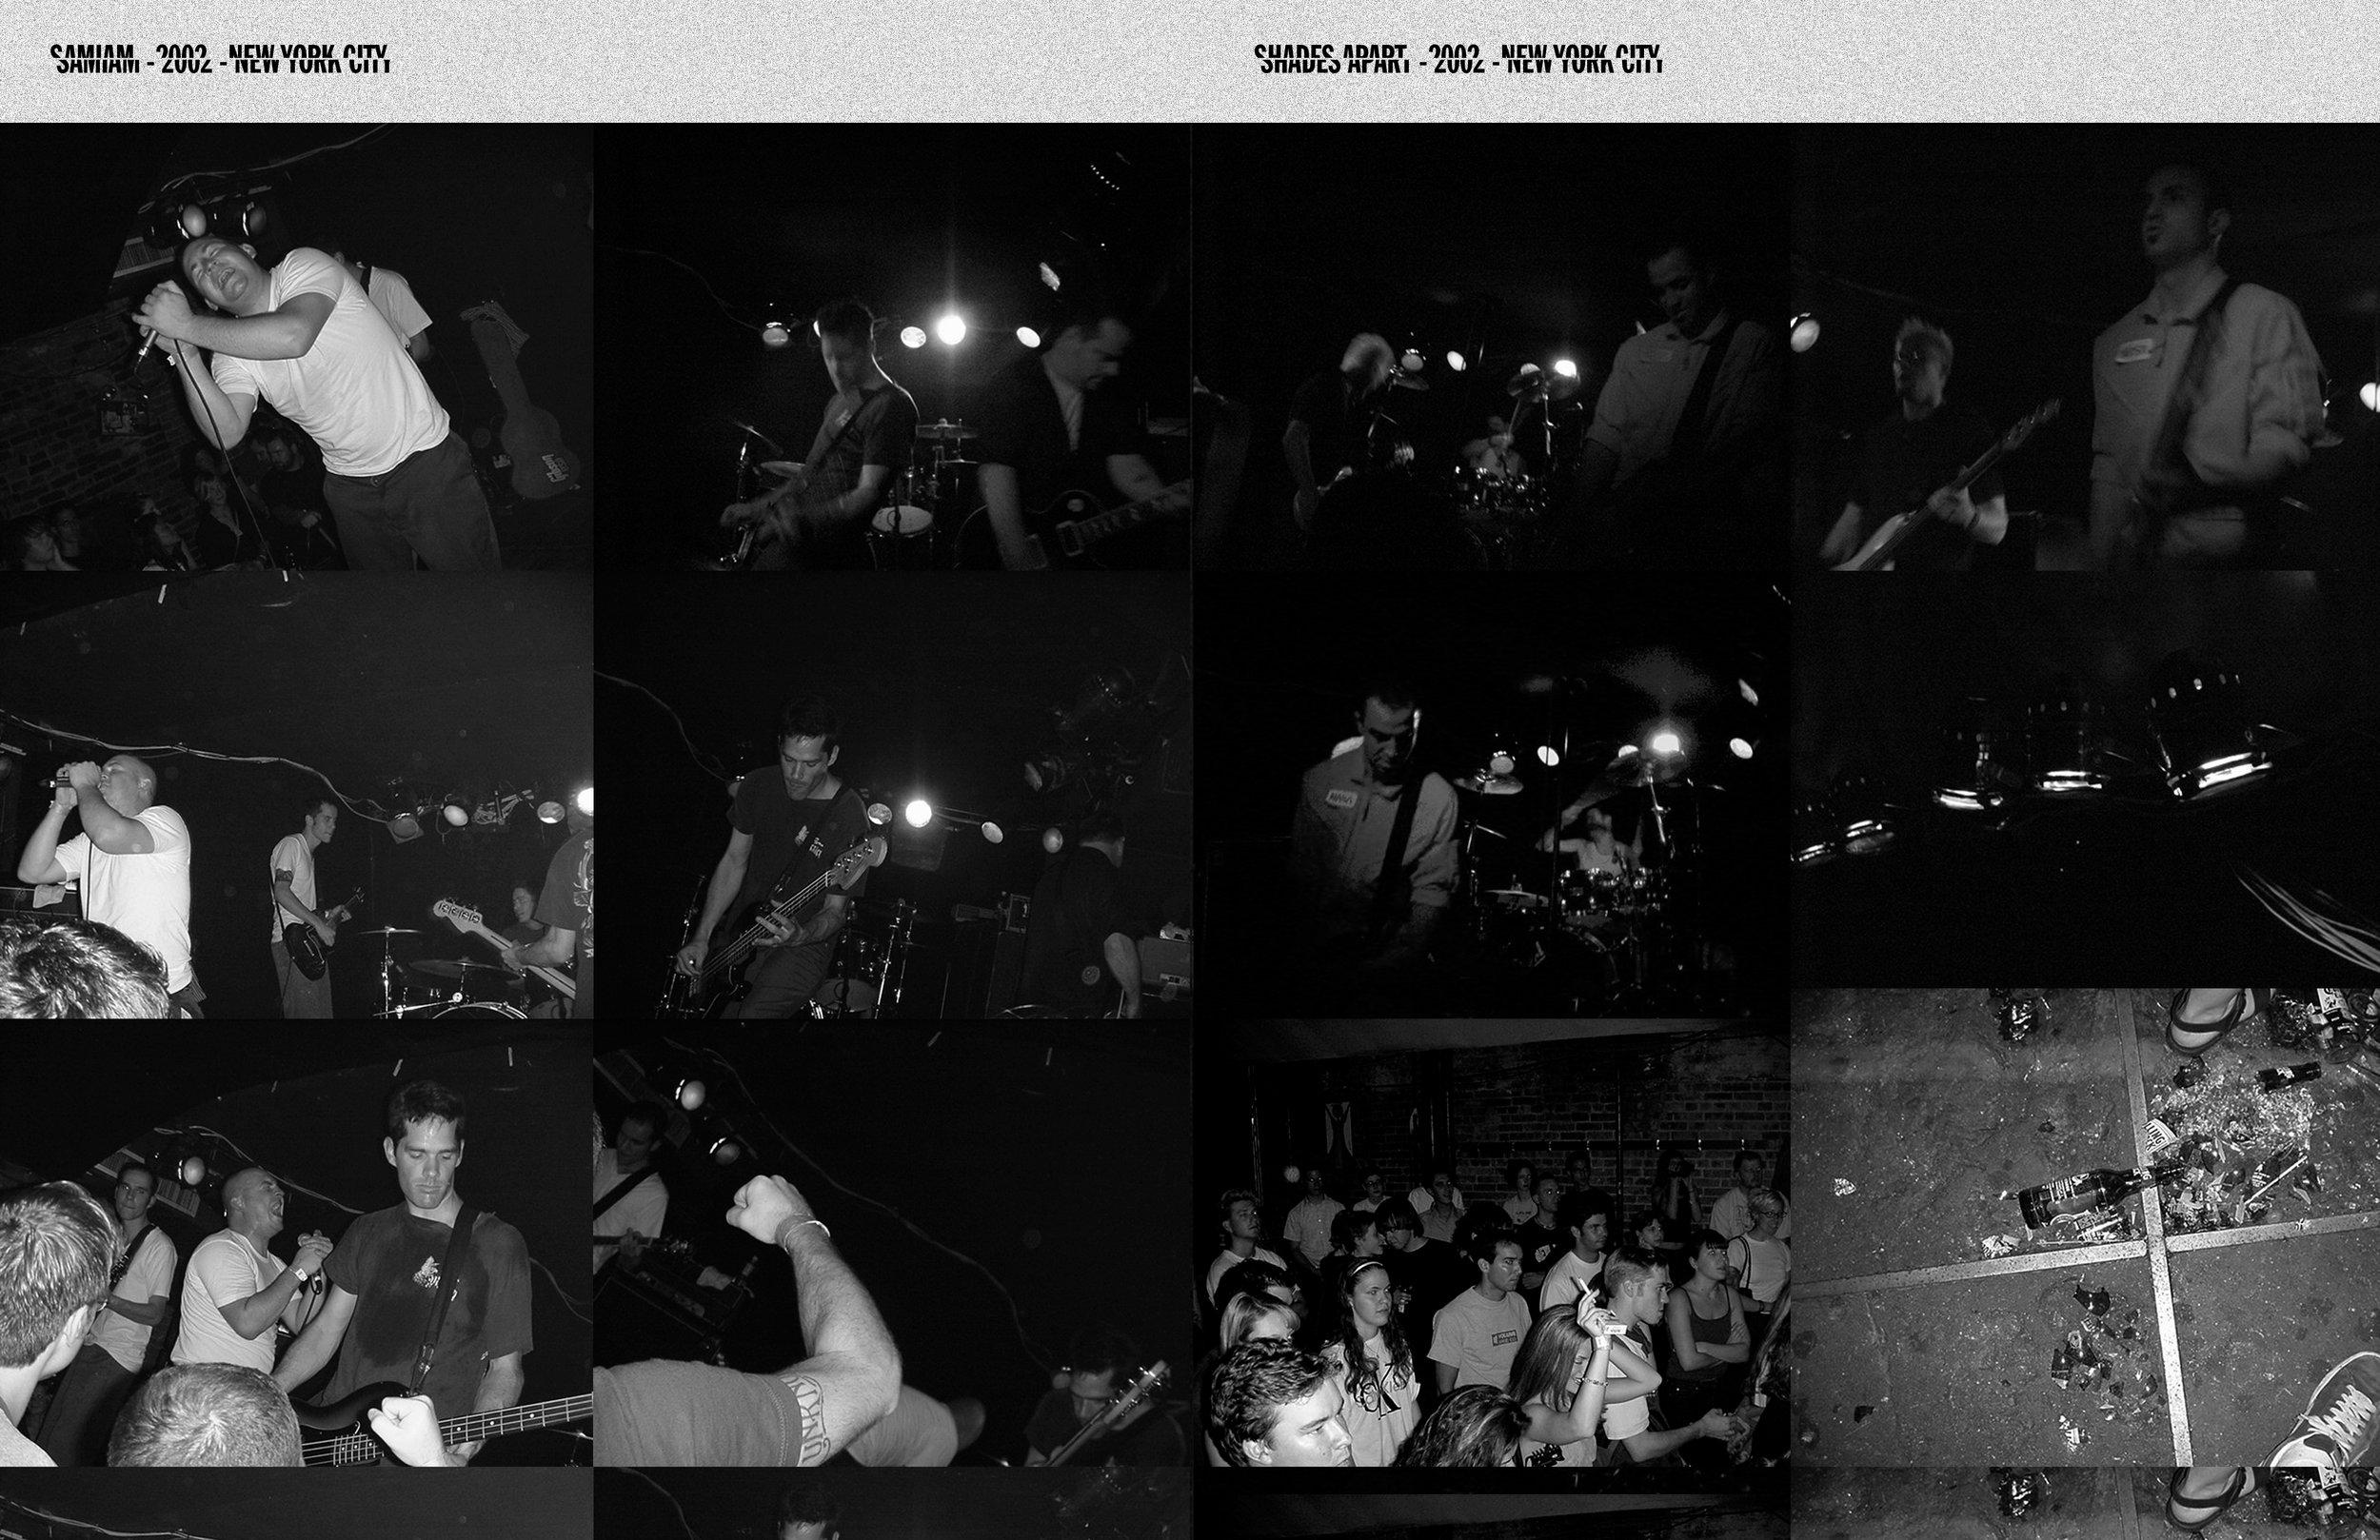 boneco_0010_front 7.jpg